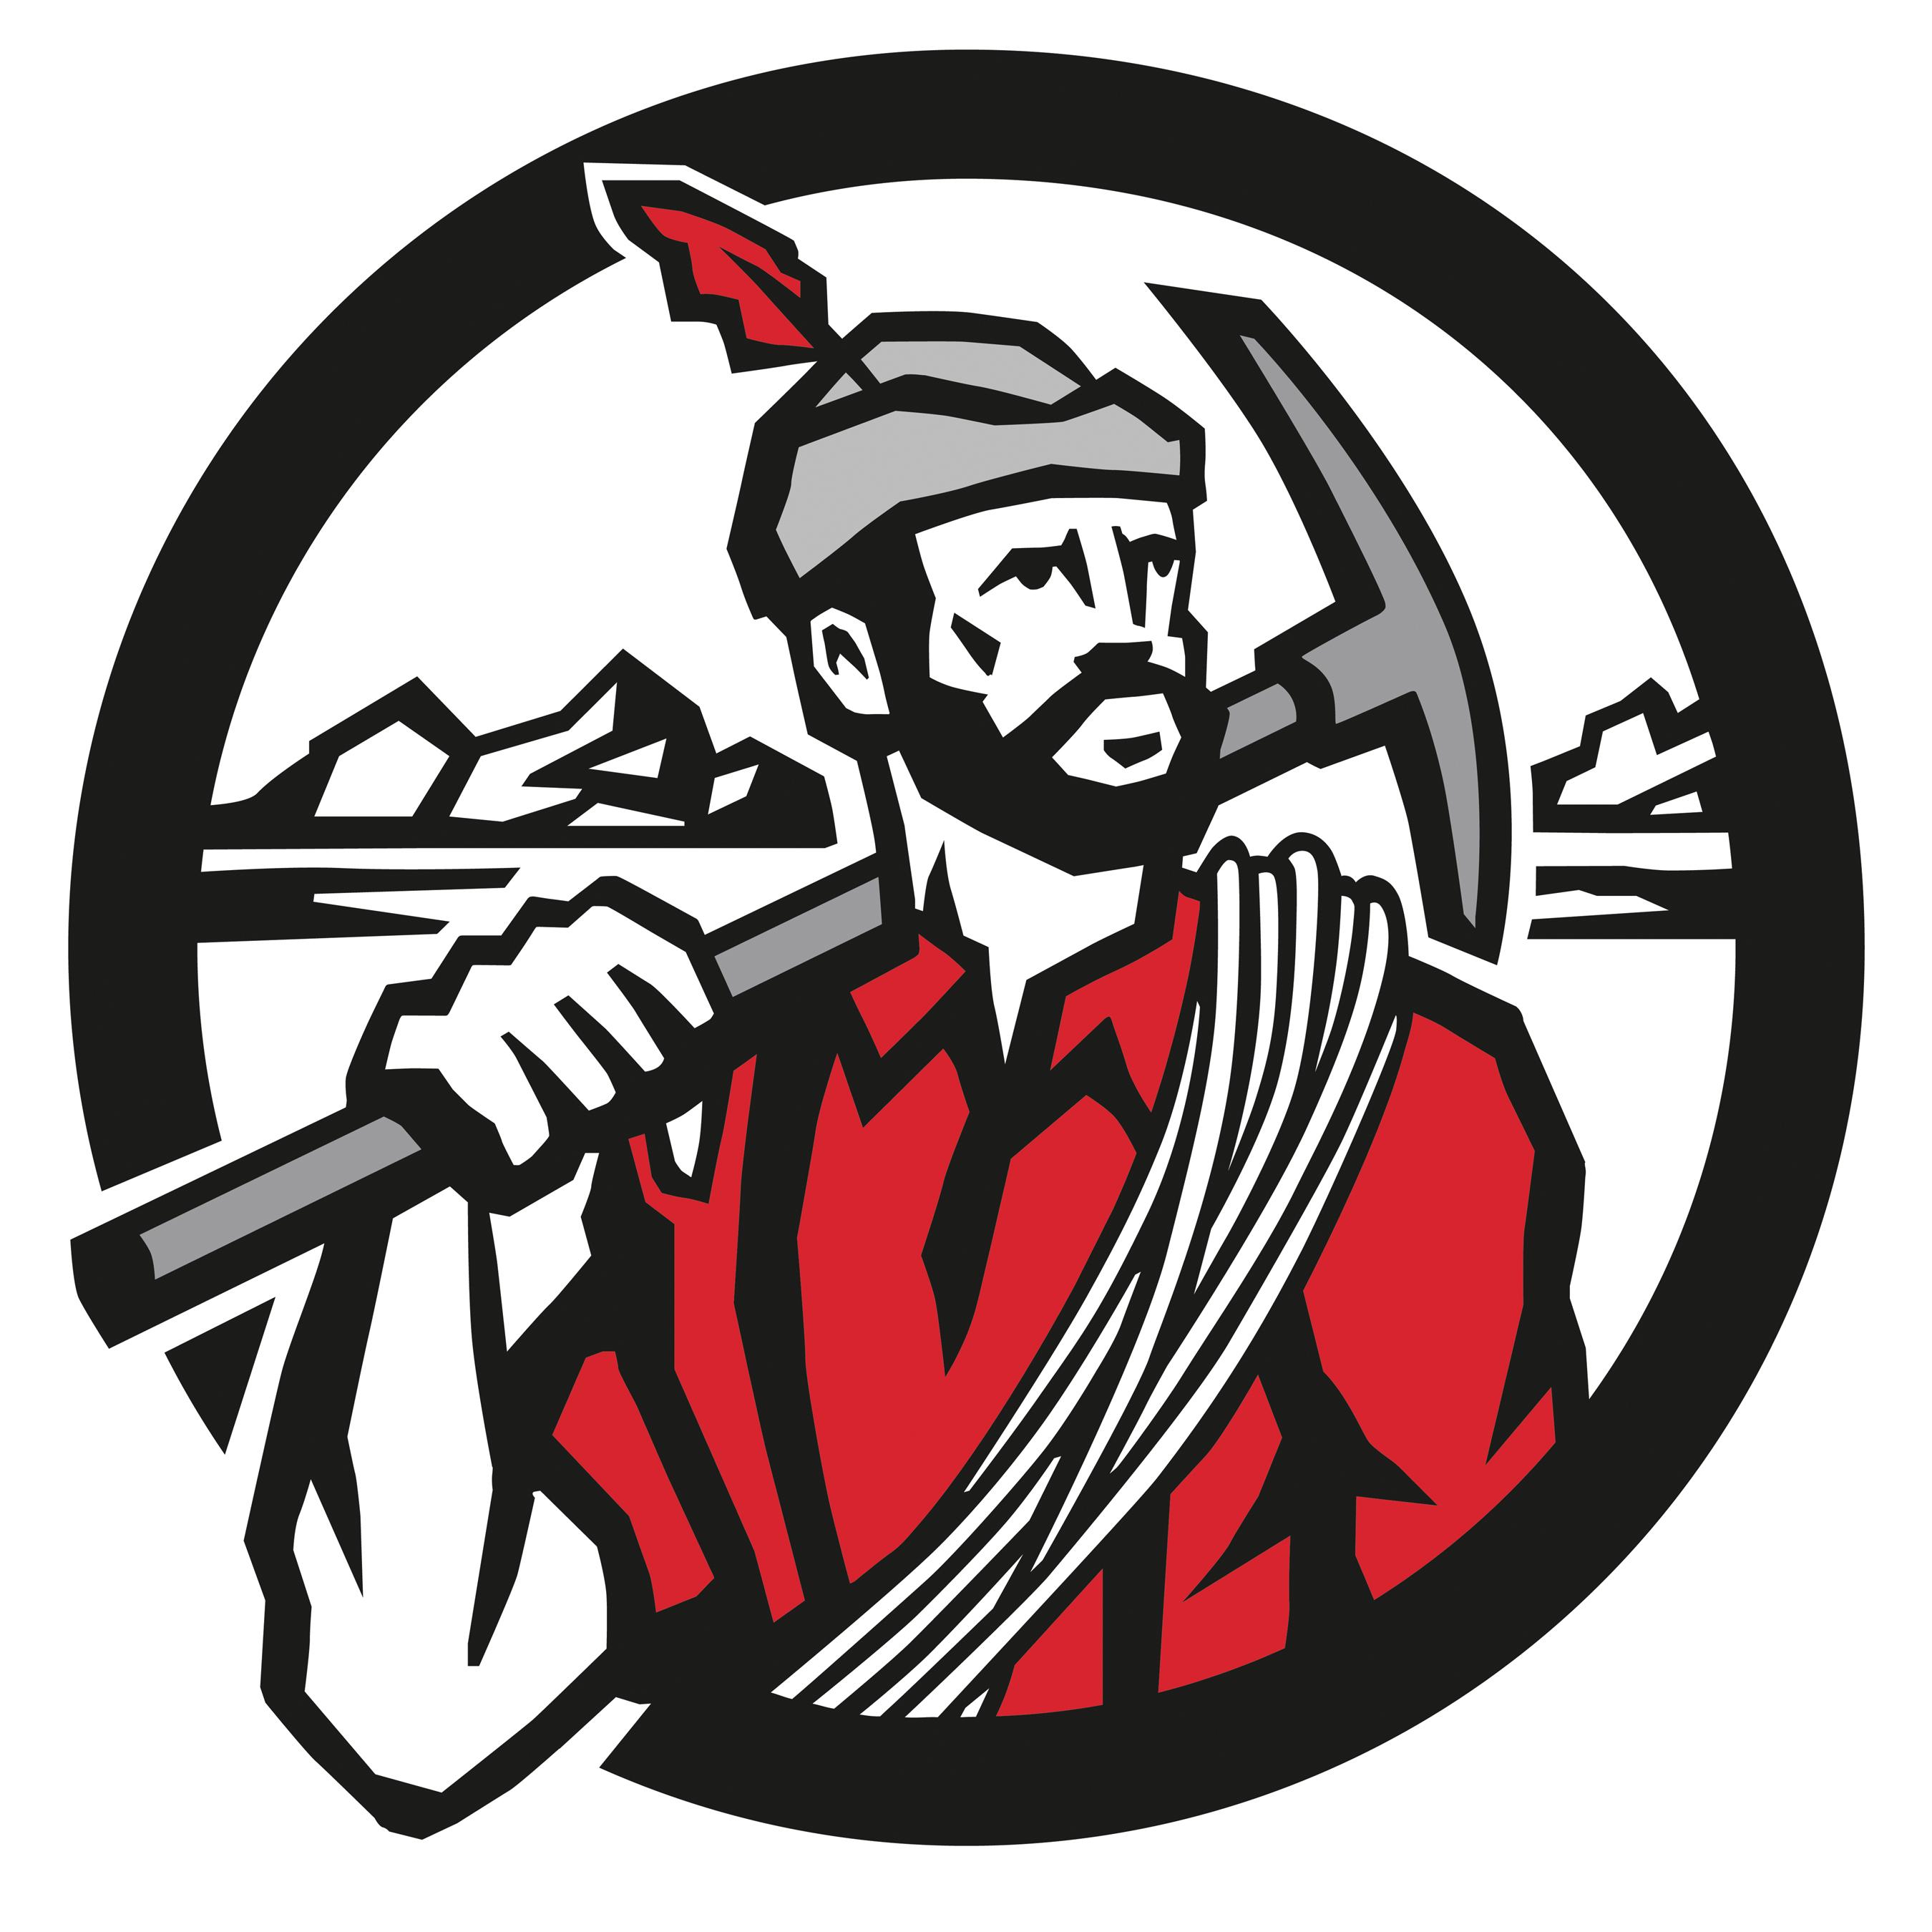 full-color Hilltopper with mountain axe logo